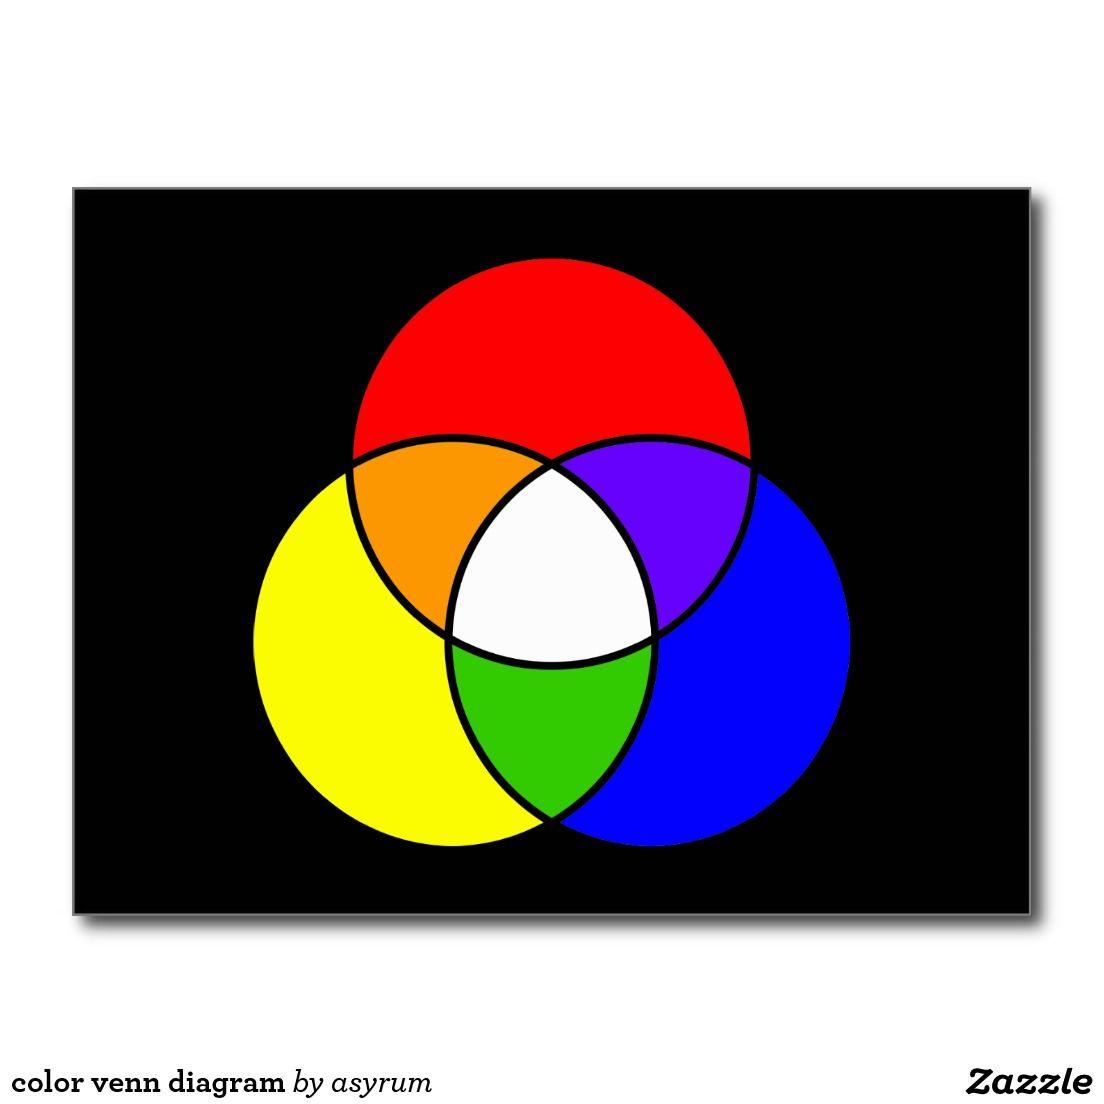 color venn diagram postcard venn diagrams colors and postcards rh pinterest com